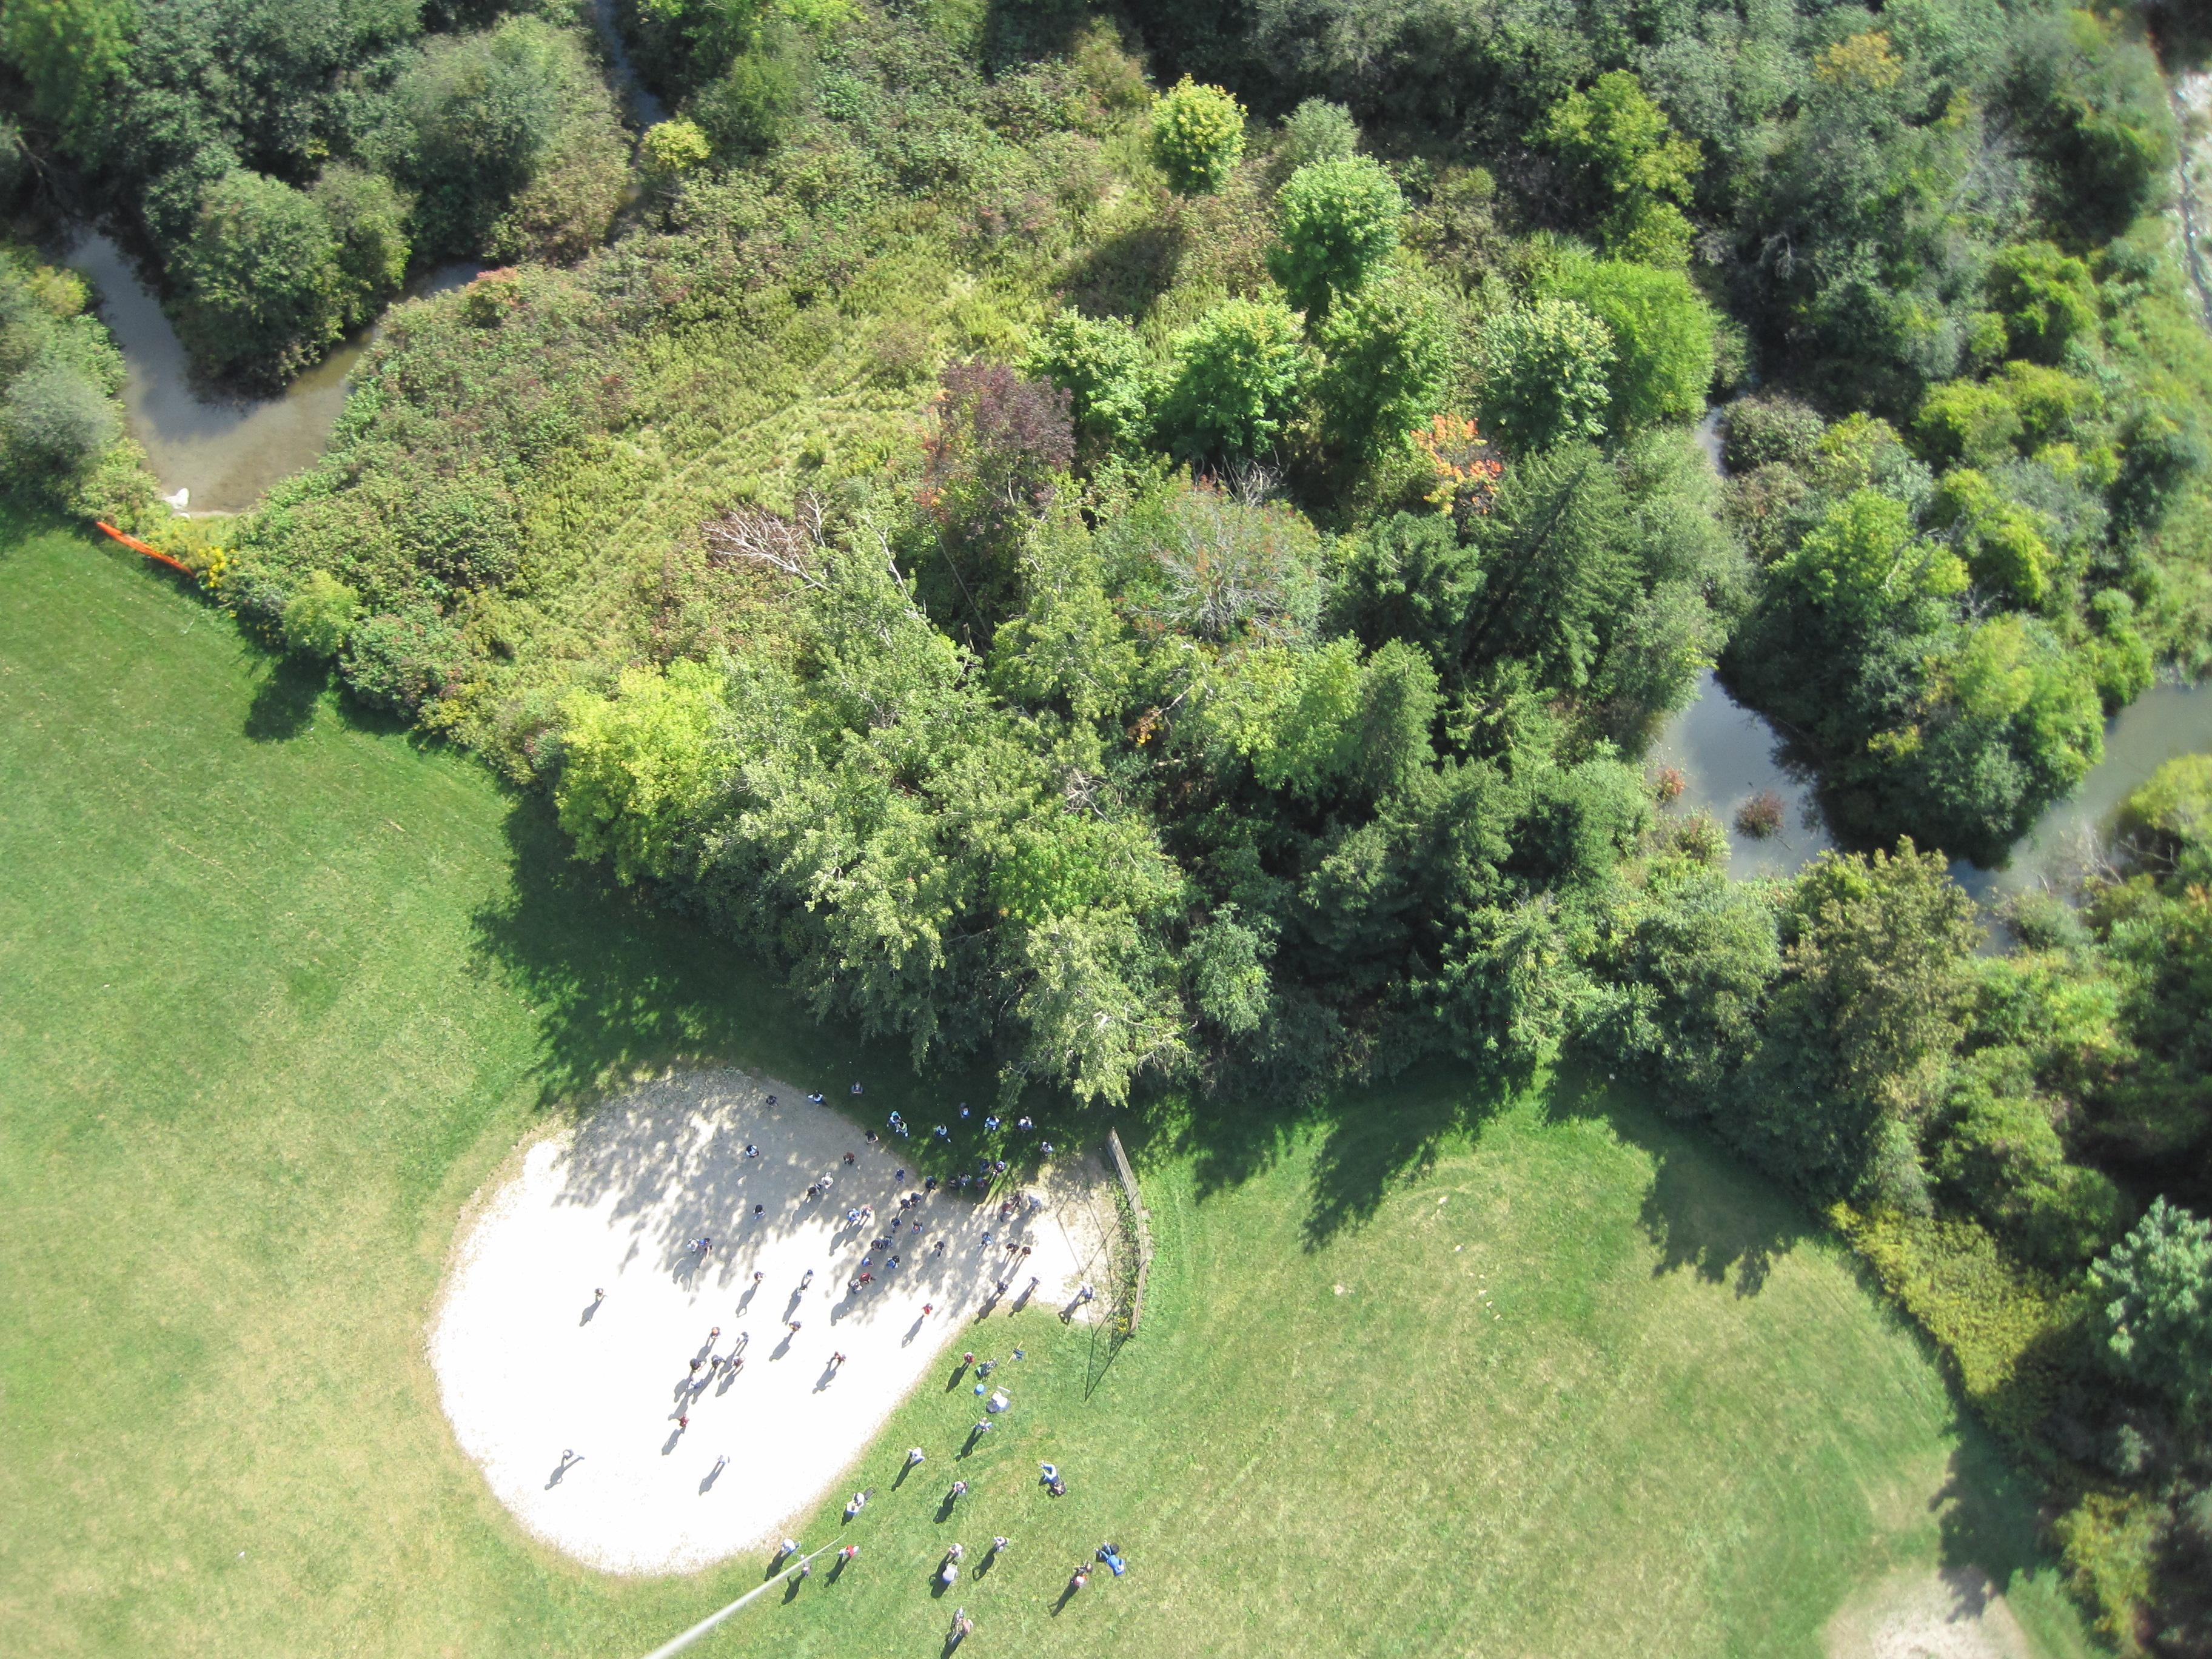 V1 Green at Uwaterloo